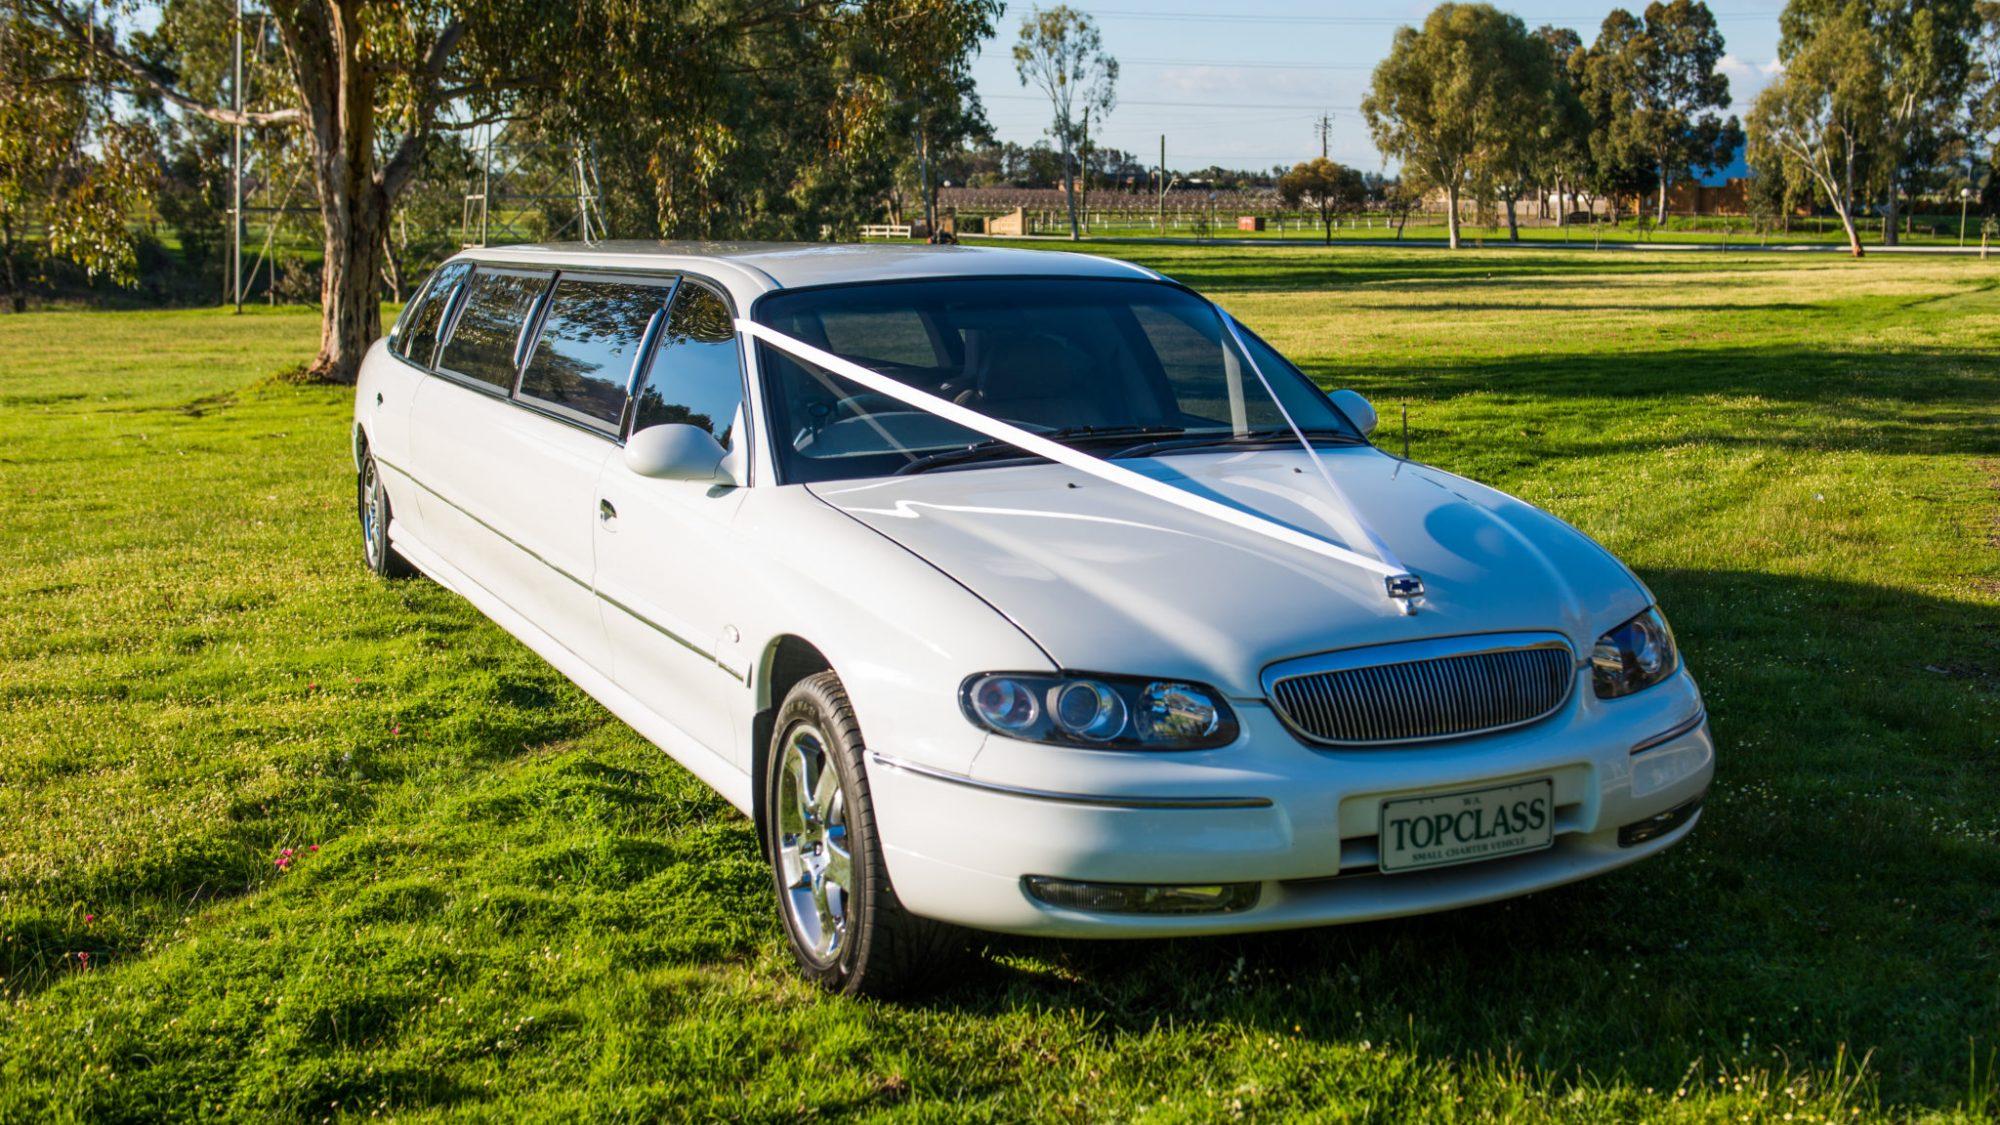 White-Limousine